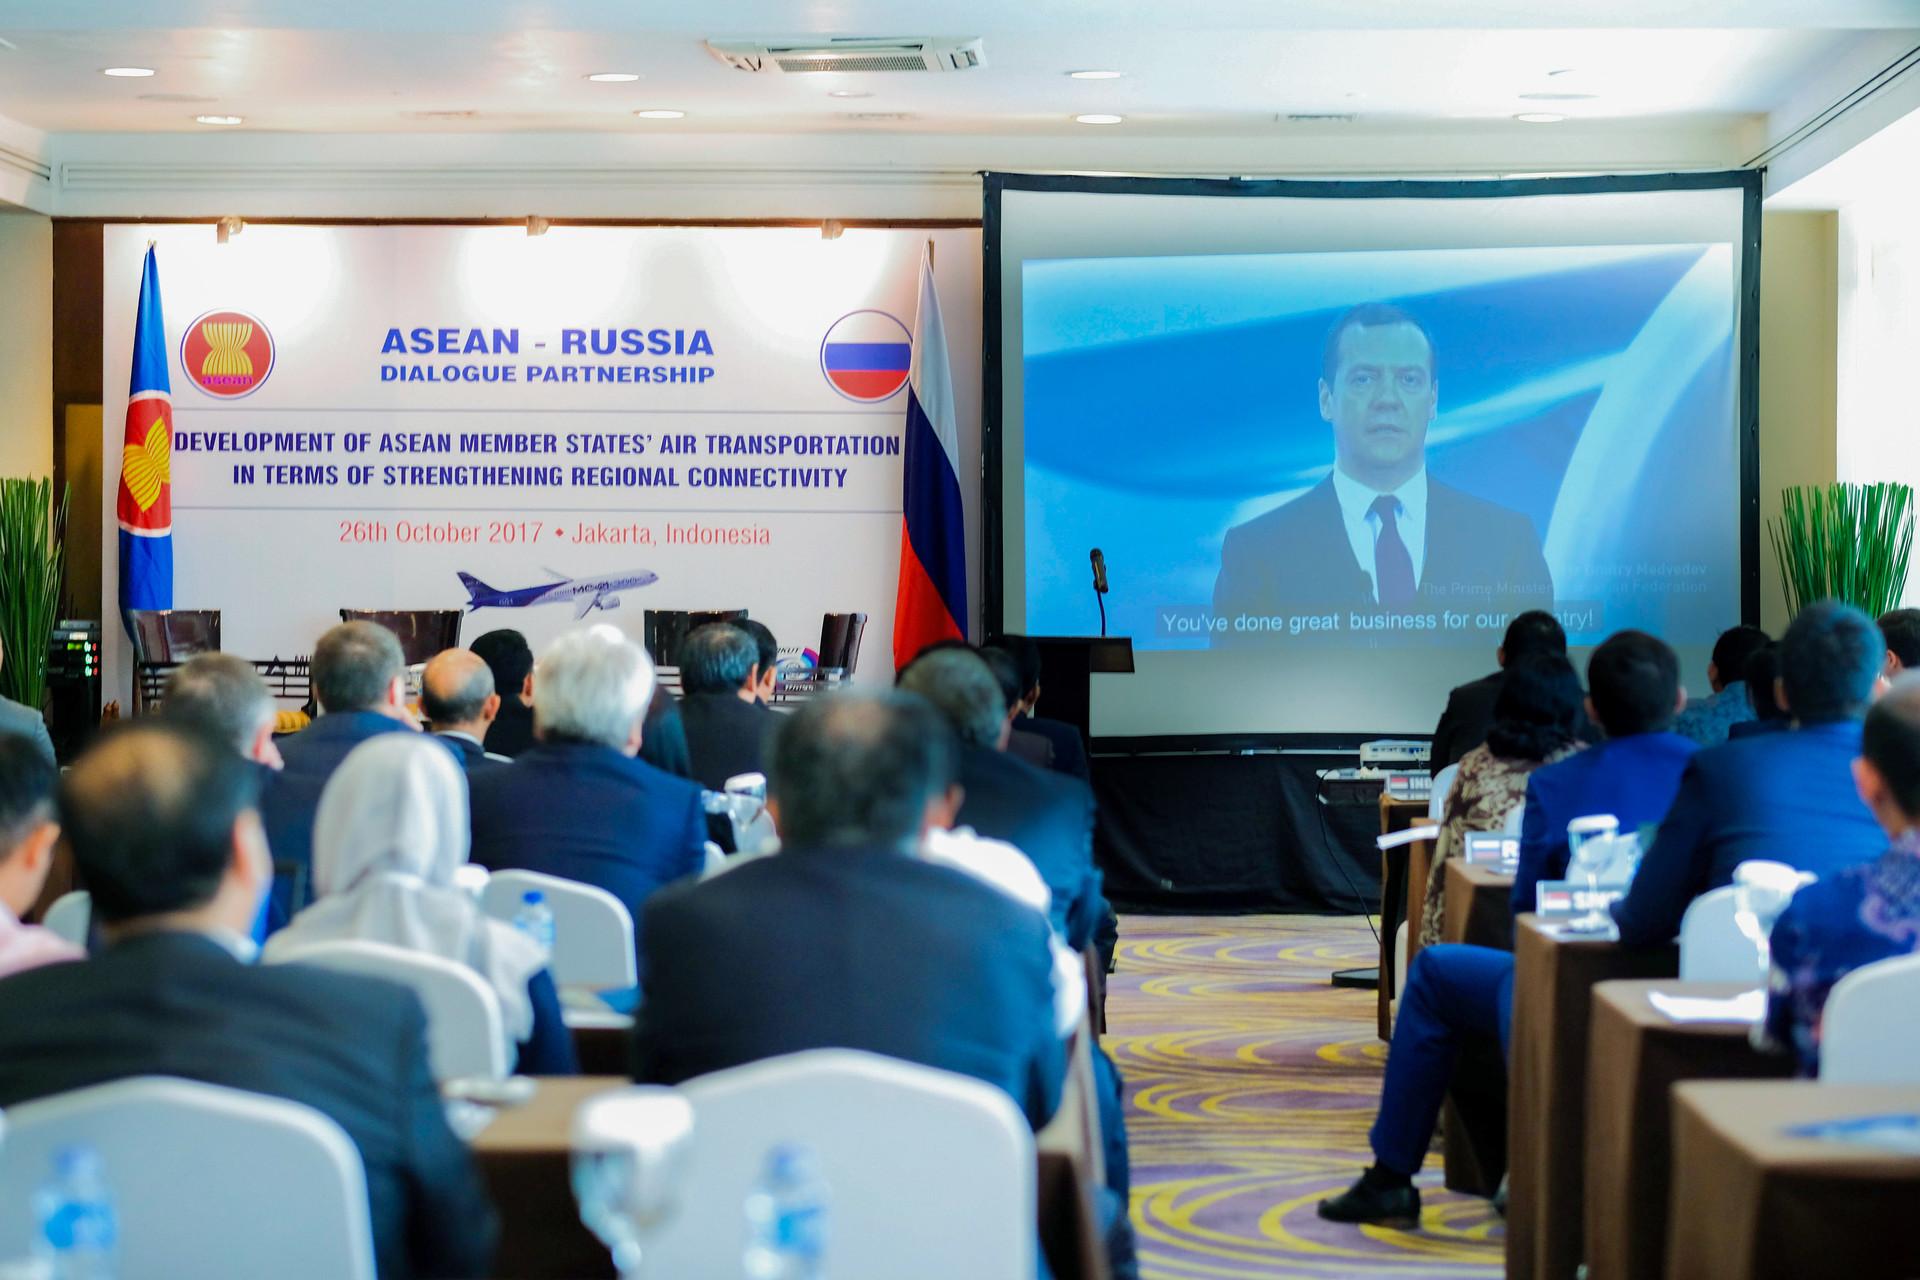 Dialog kemitraan ASEAN-Rusia di Hotel Gran Melia, Jakarta.